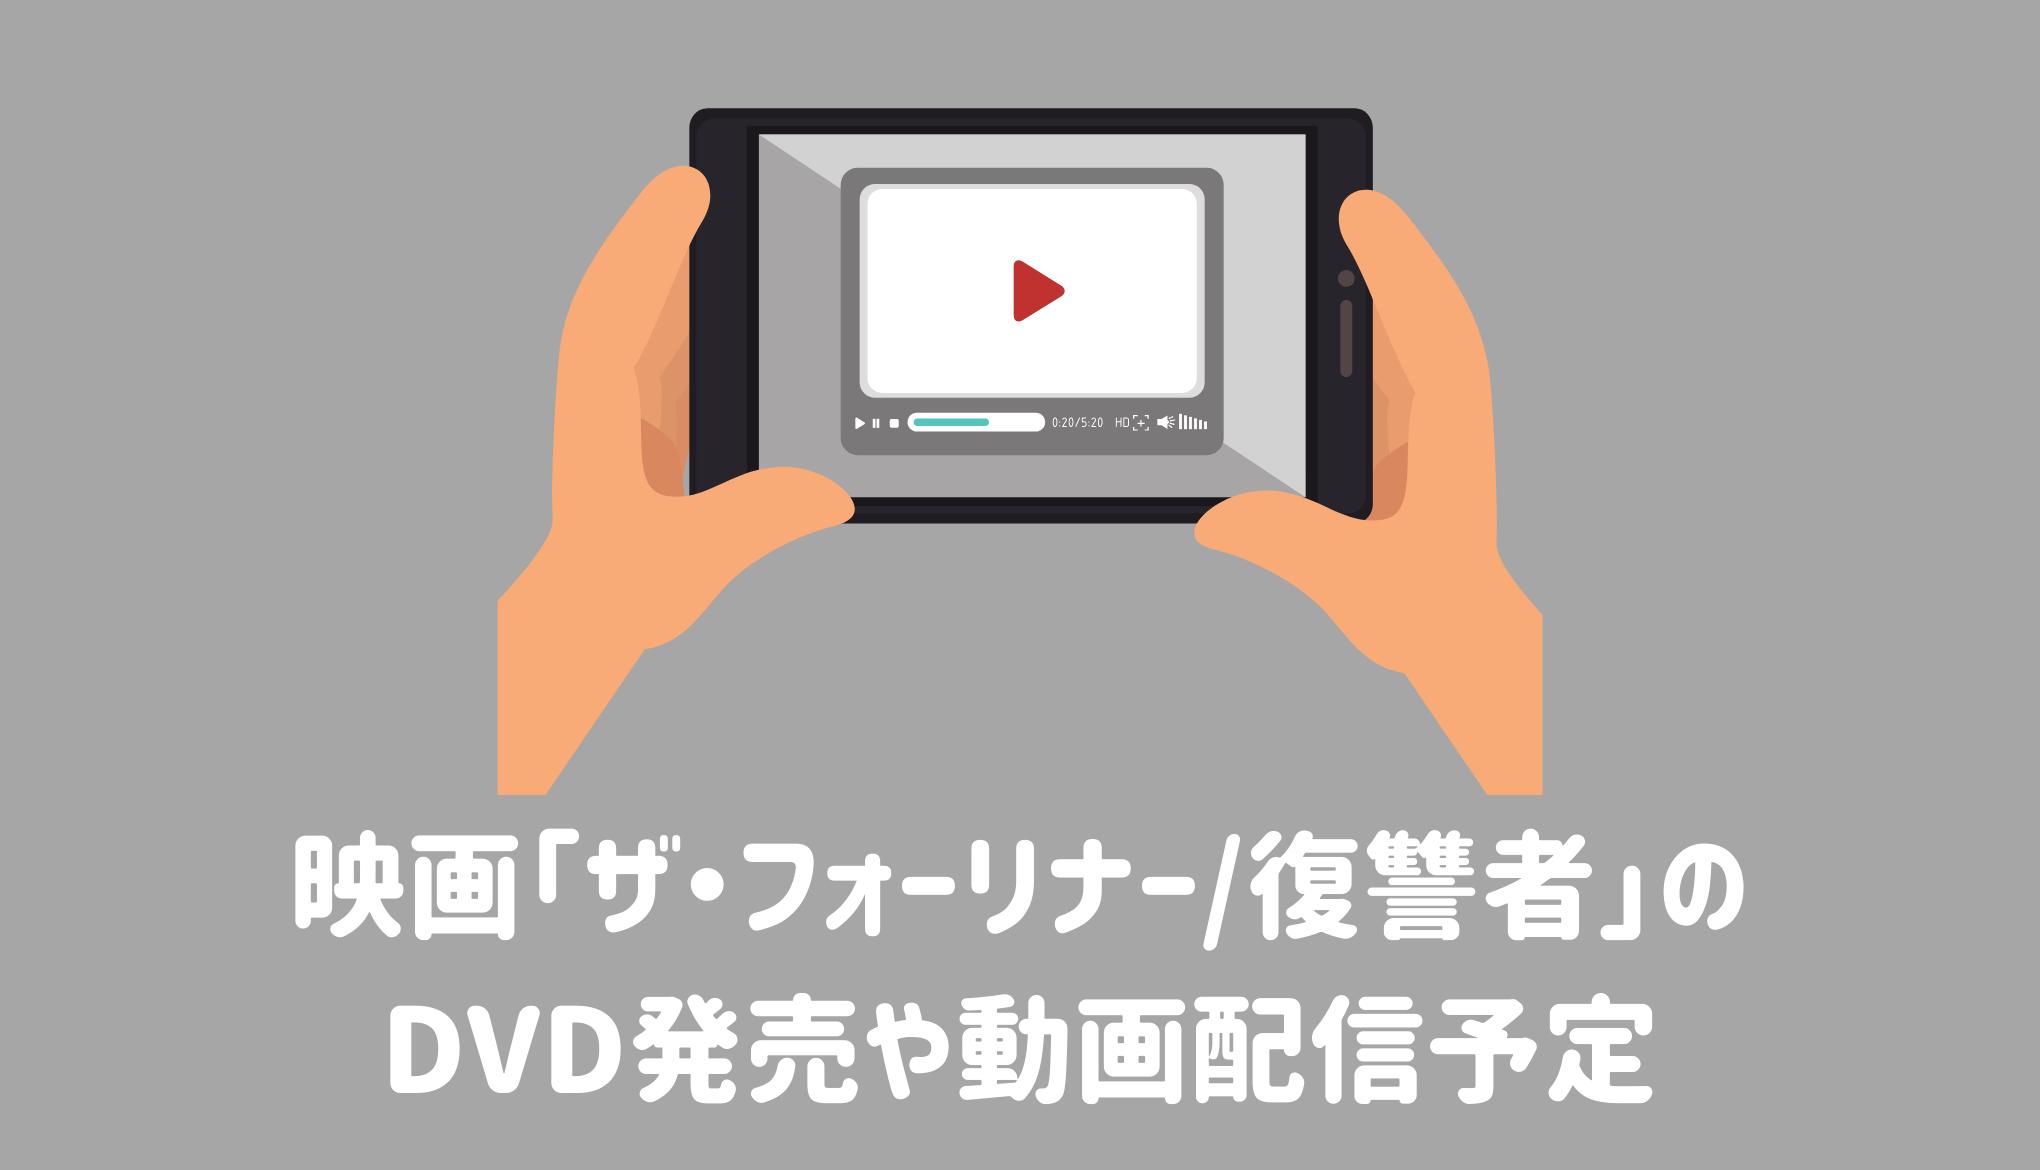 映画「ザ・フォーリナー/復讐者」のDVD発売や動画配信予定